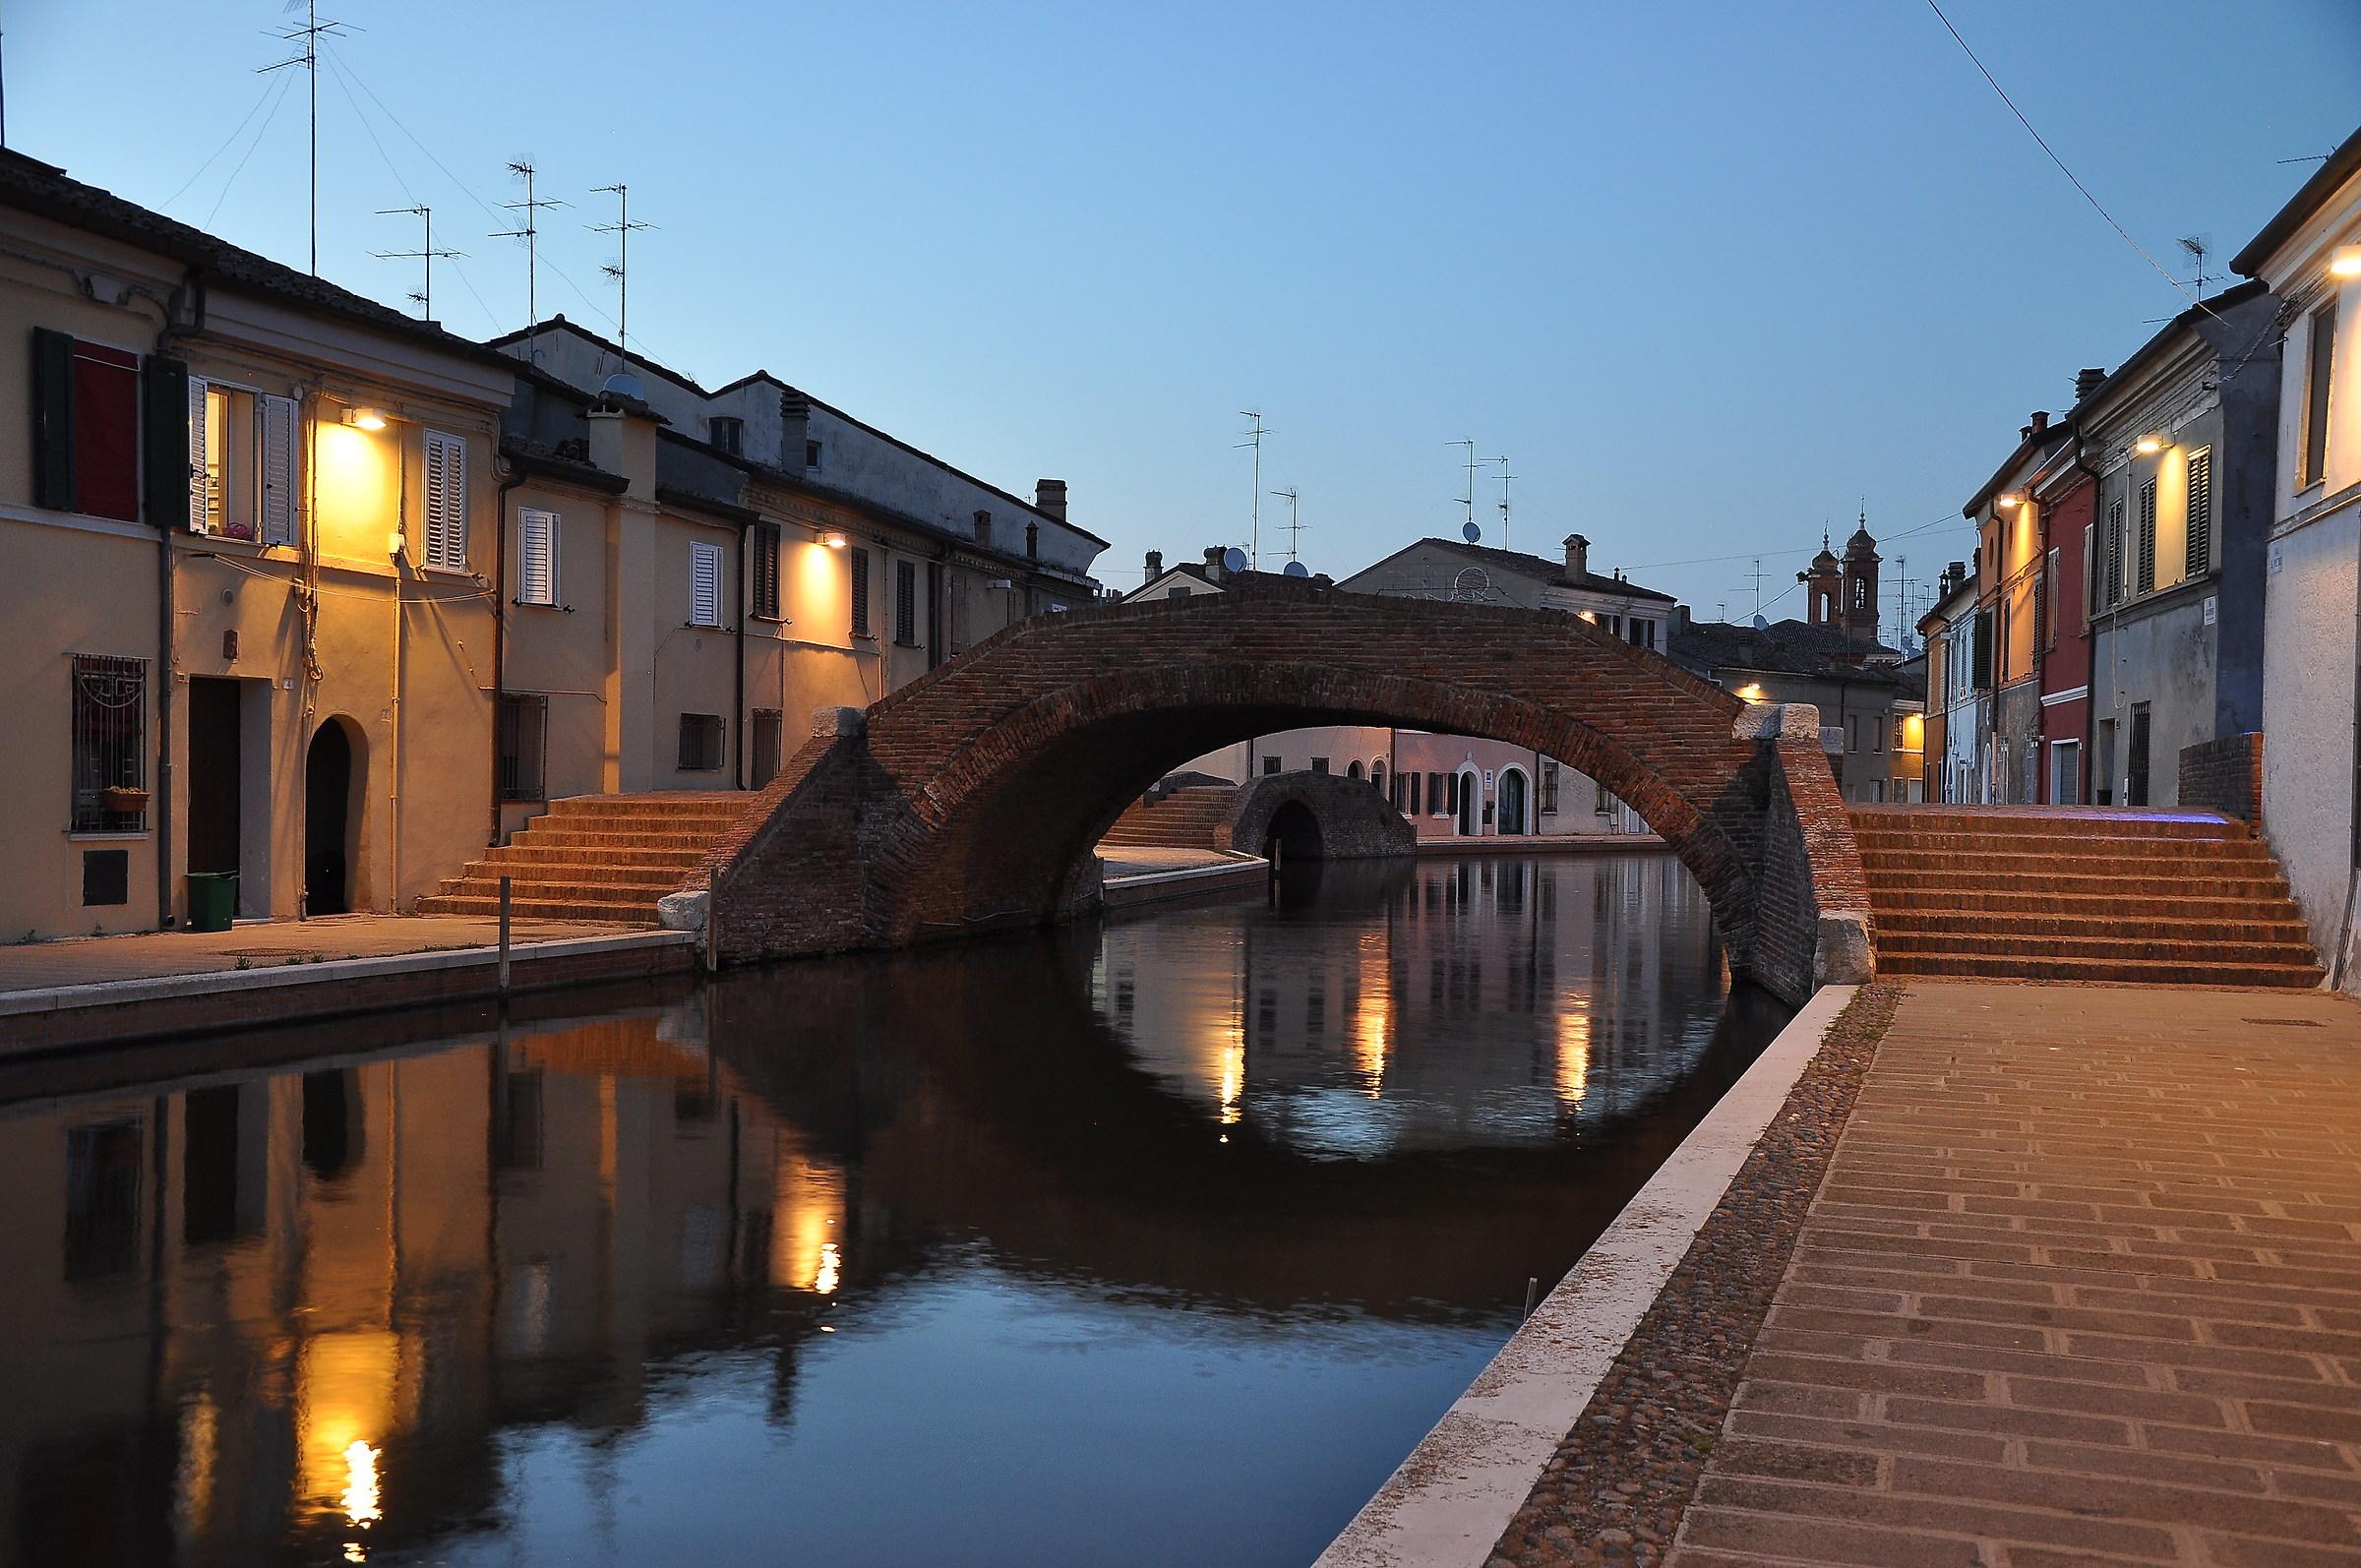 20:44:22... to Comacchio...